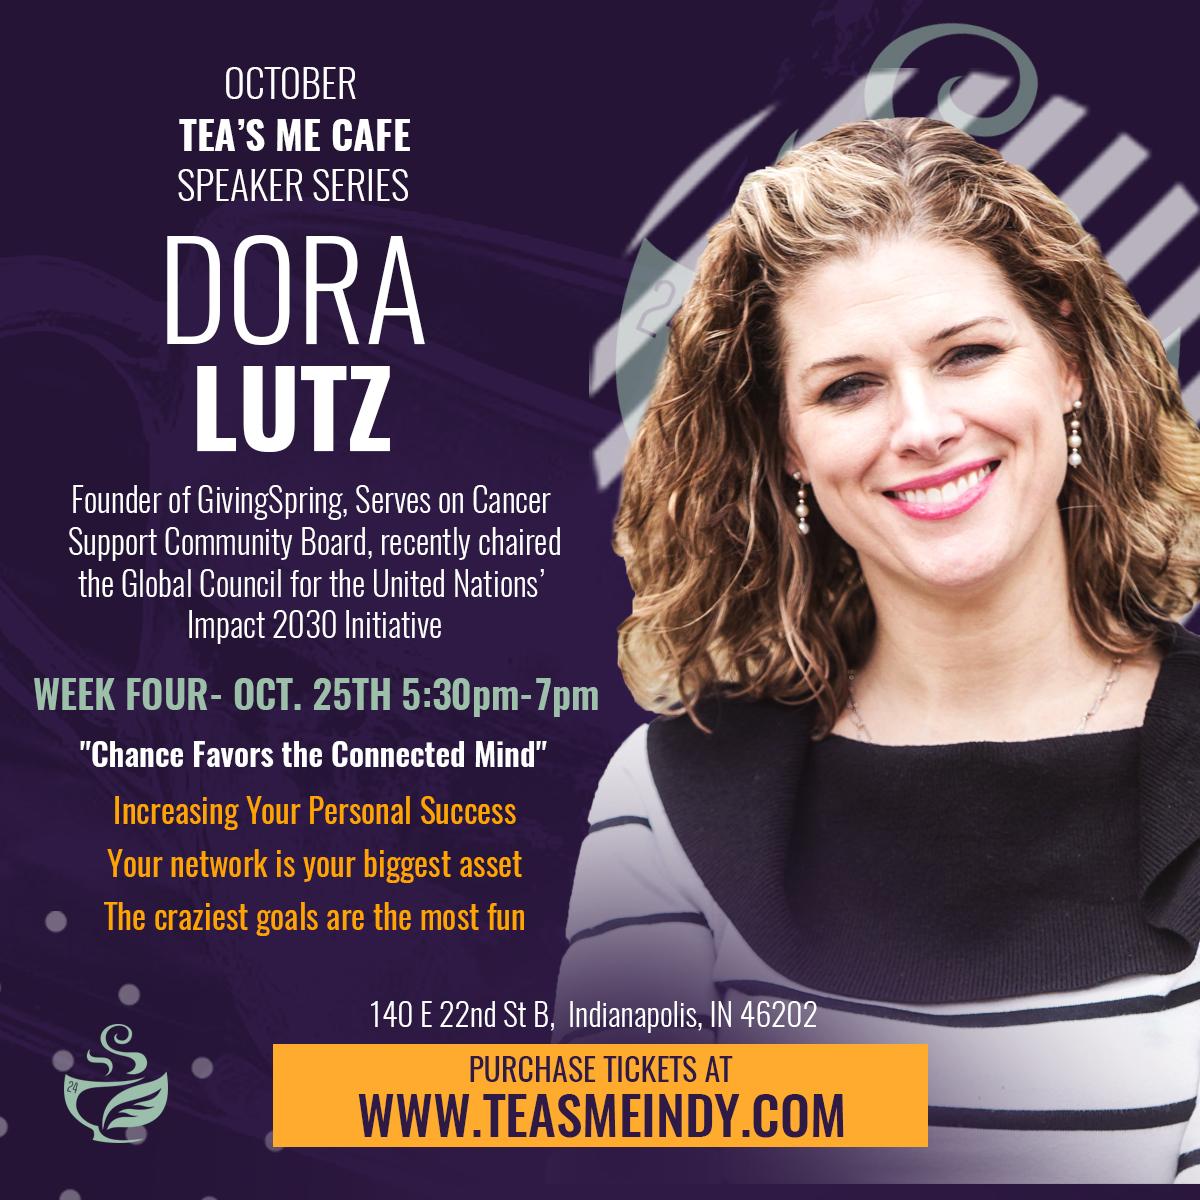 Dora Lutz